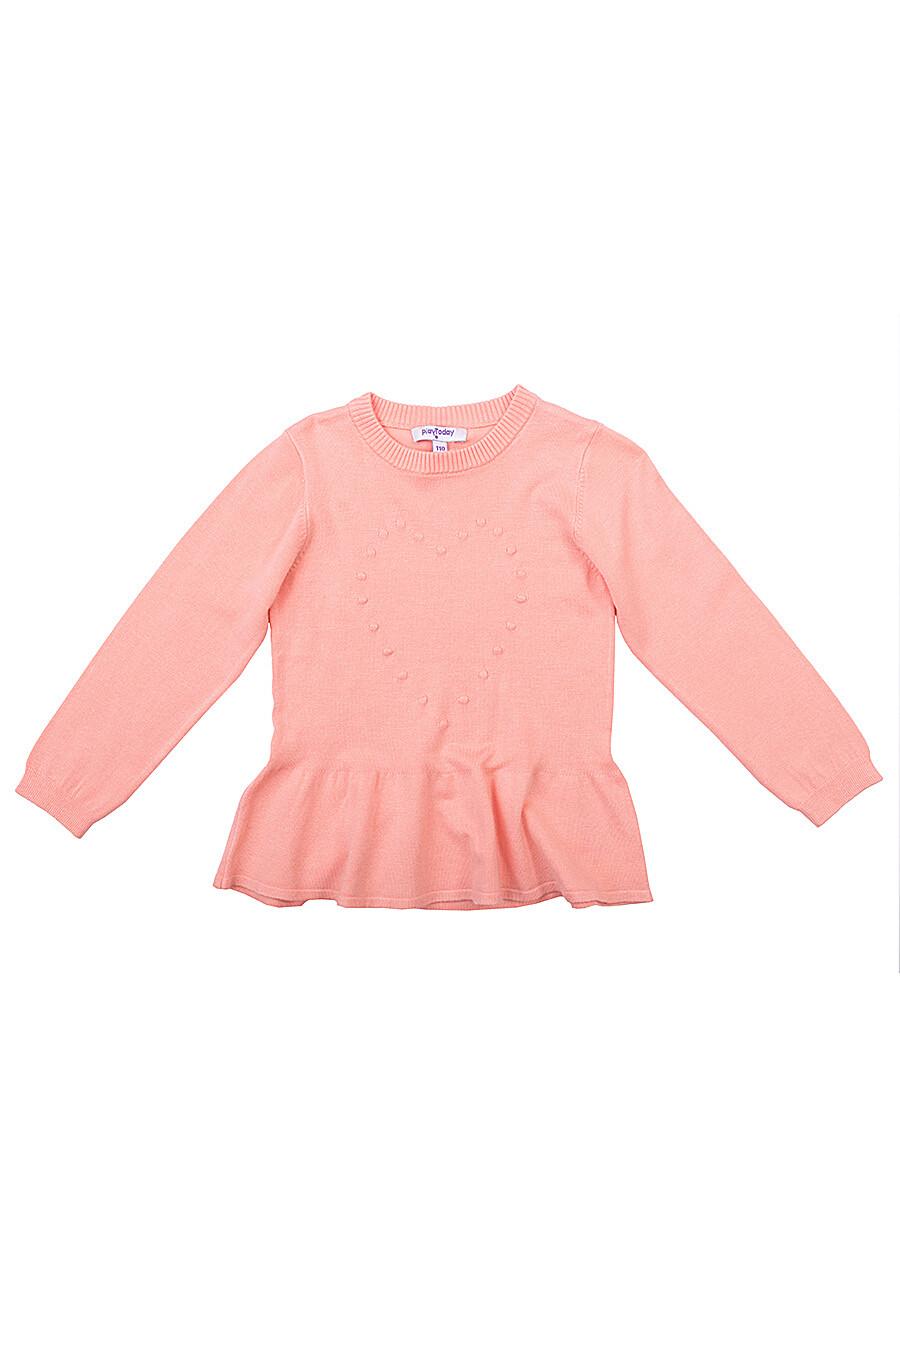 Джемпер для девочек PLAYTODAY 107698 купить оптом от производителя. Совместная покупка детской одежды в OptMoyo